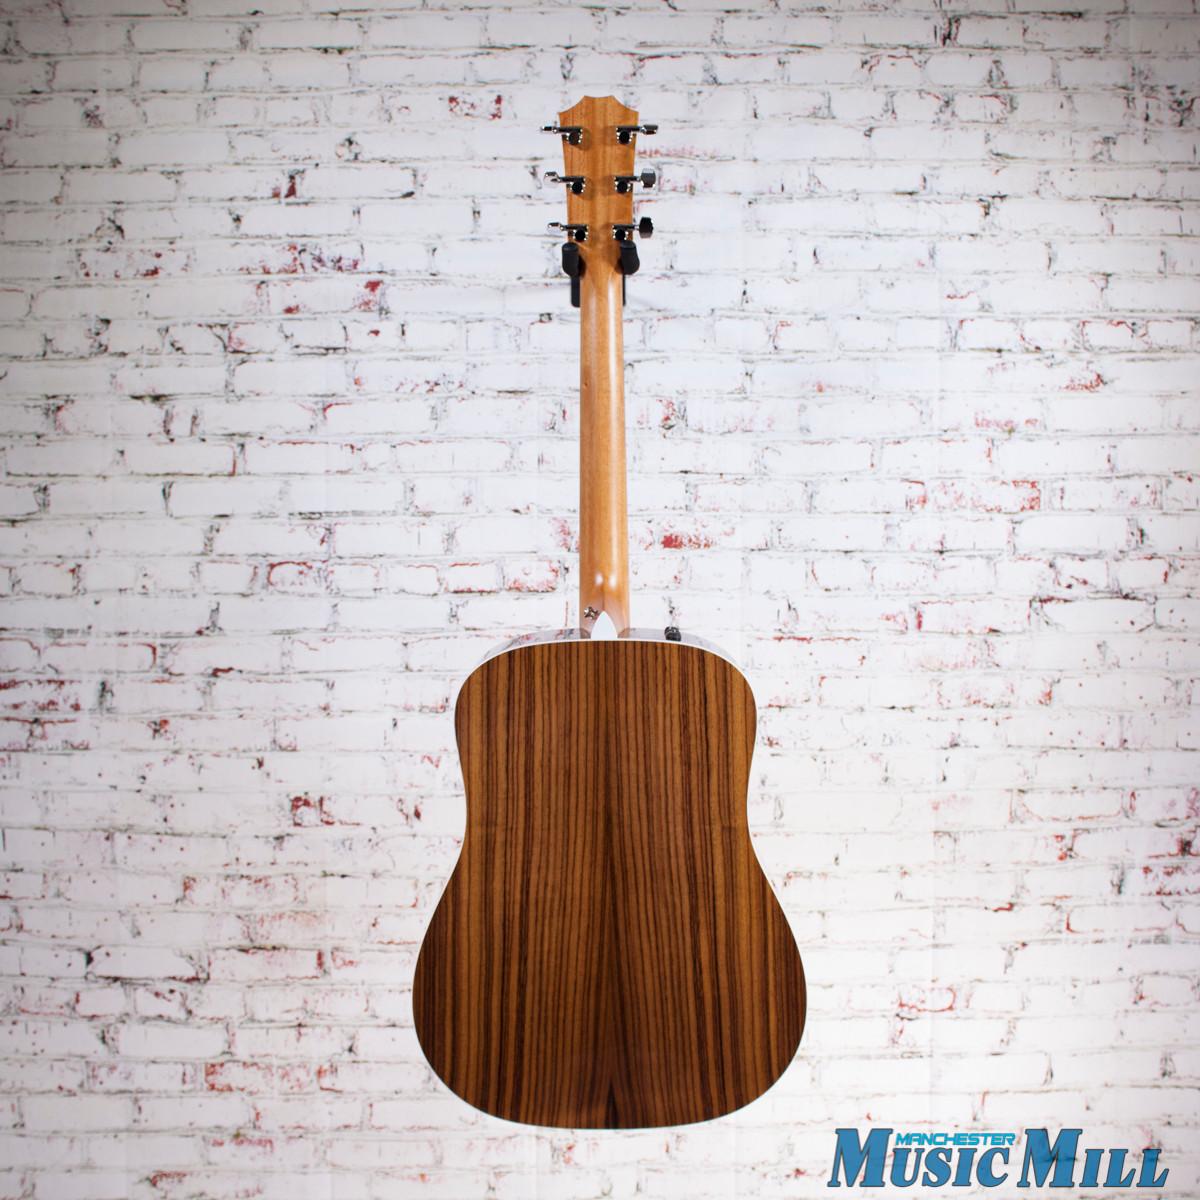 2017 Taylor 210e DLX Dreadnought Acoustic Electric Guitar